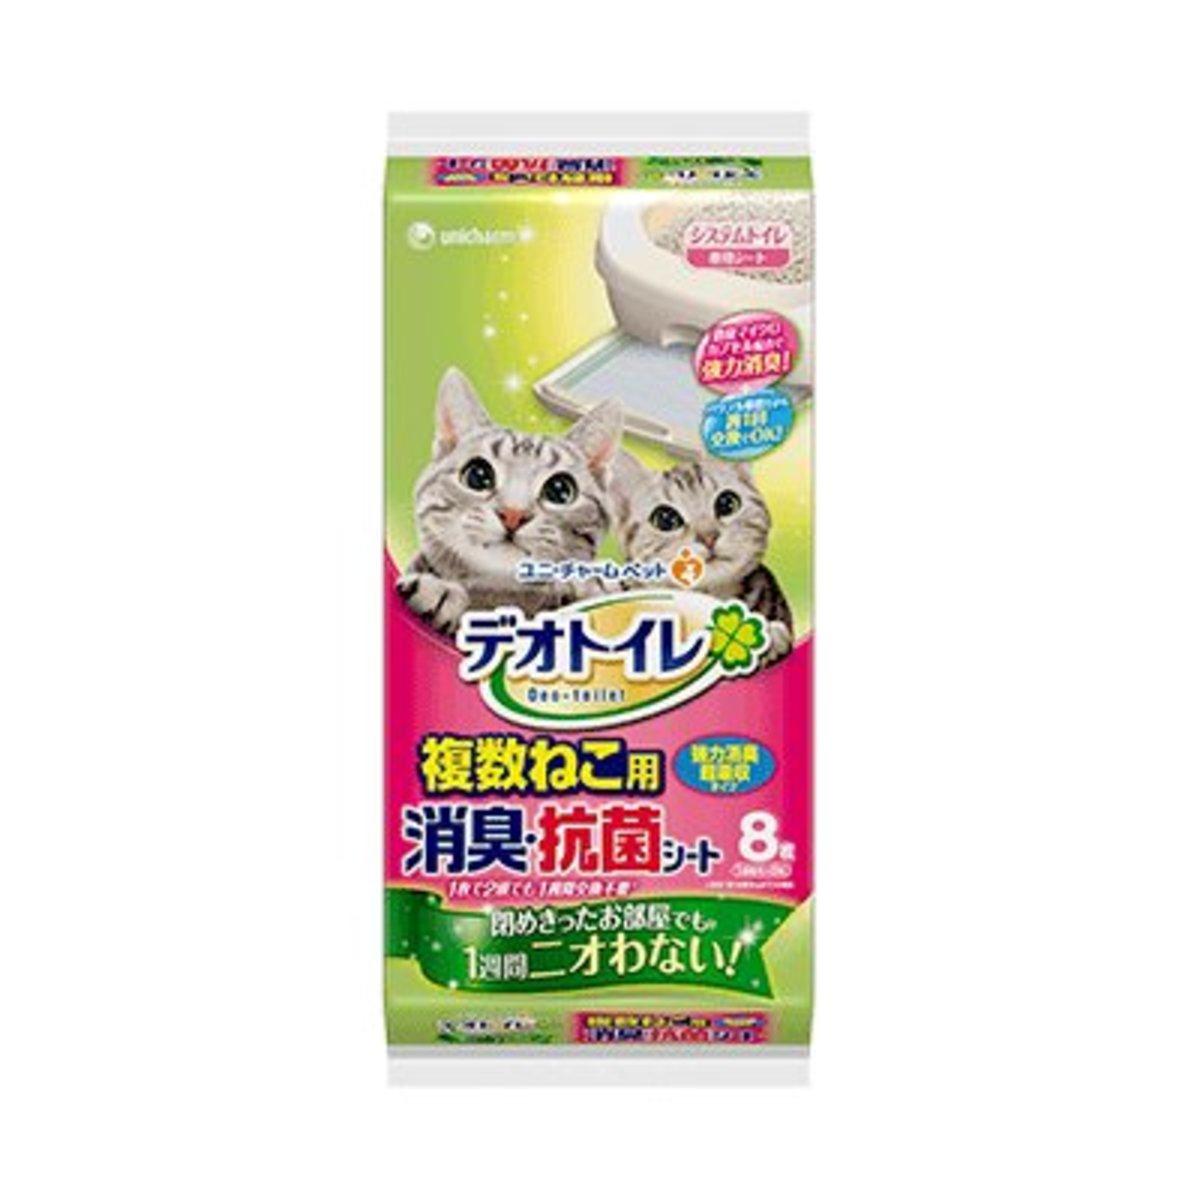 多貓型消臭抗菌貓砂盆尿墊8片